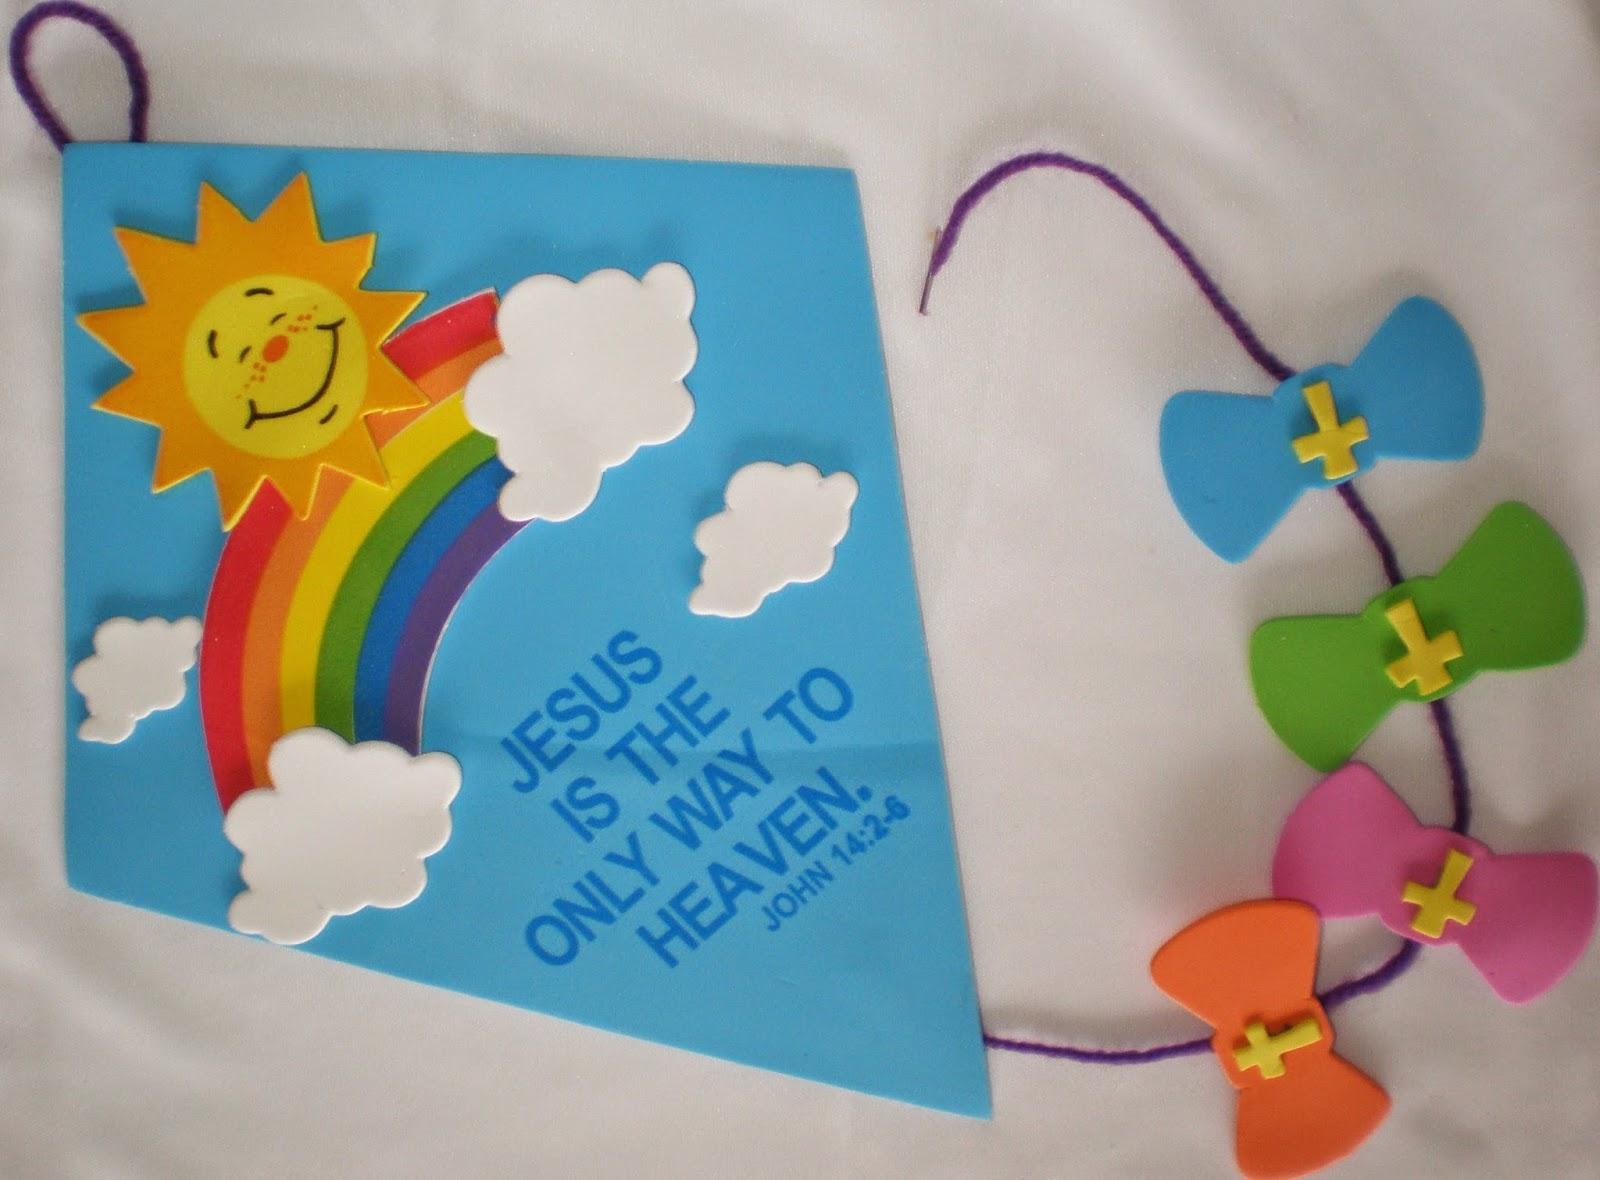 petersham bible book u0026 tract depot inspirational kite sign craft kit